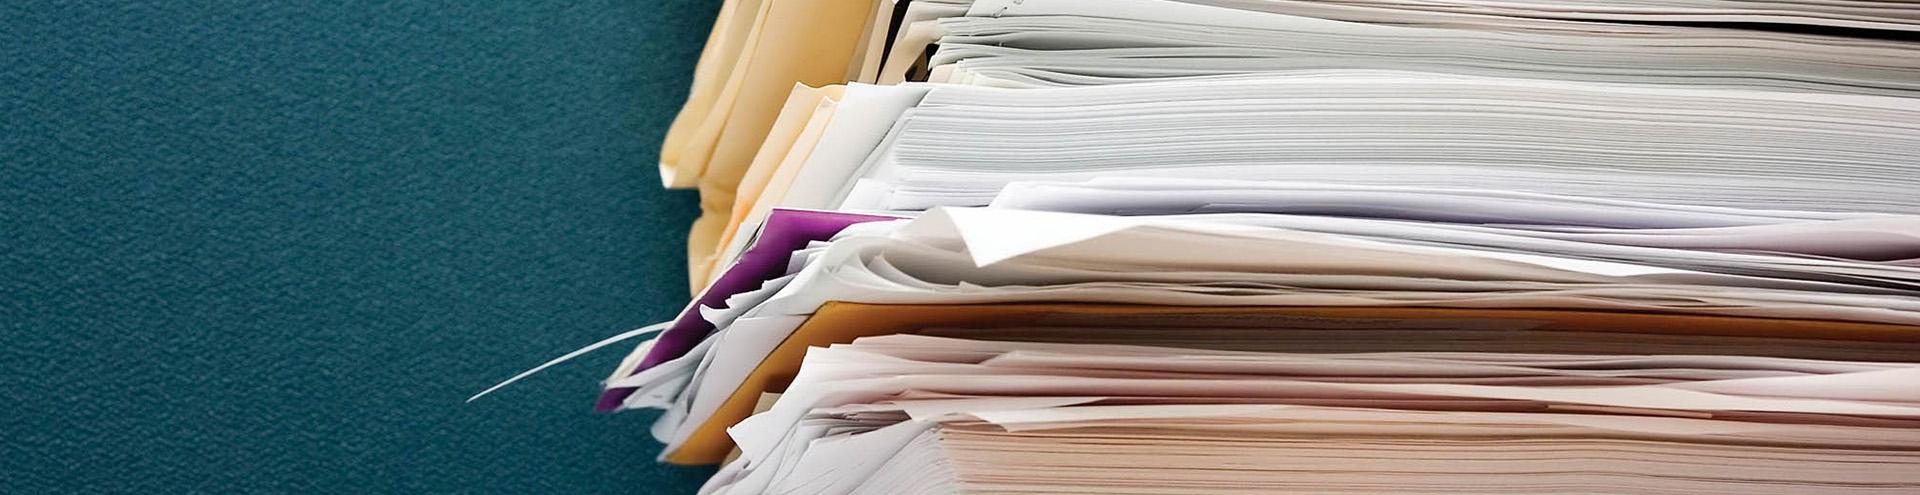 документы на банкротство физического лица в Самаре